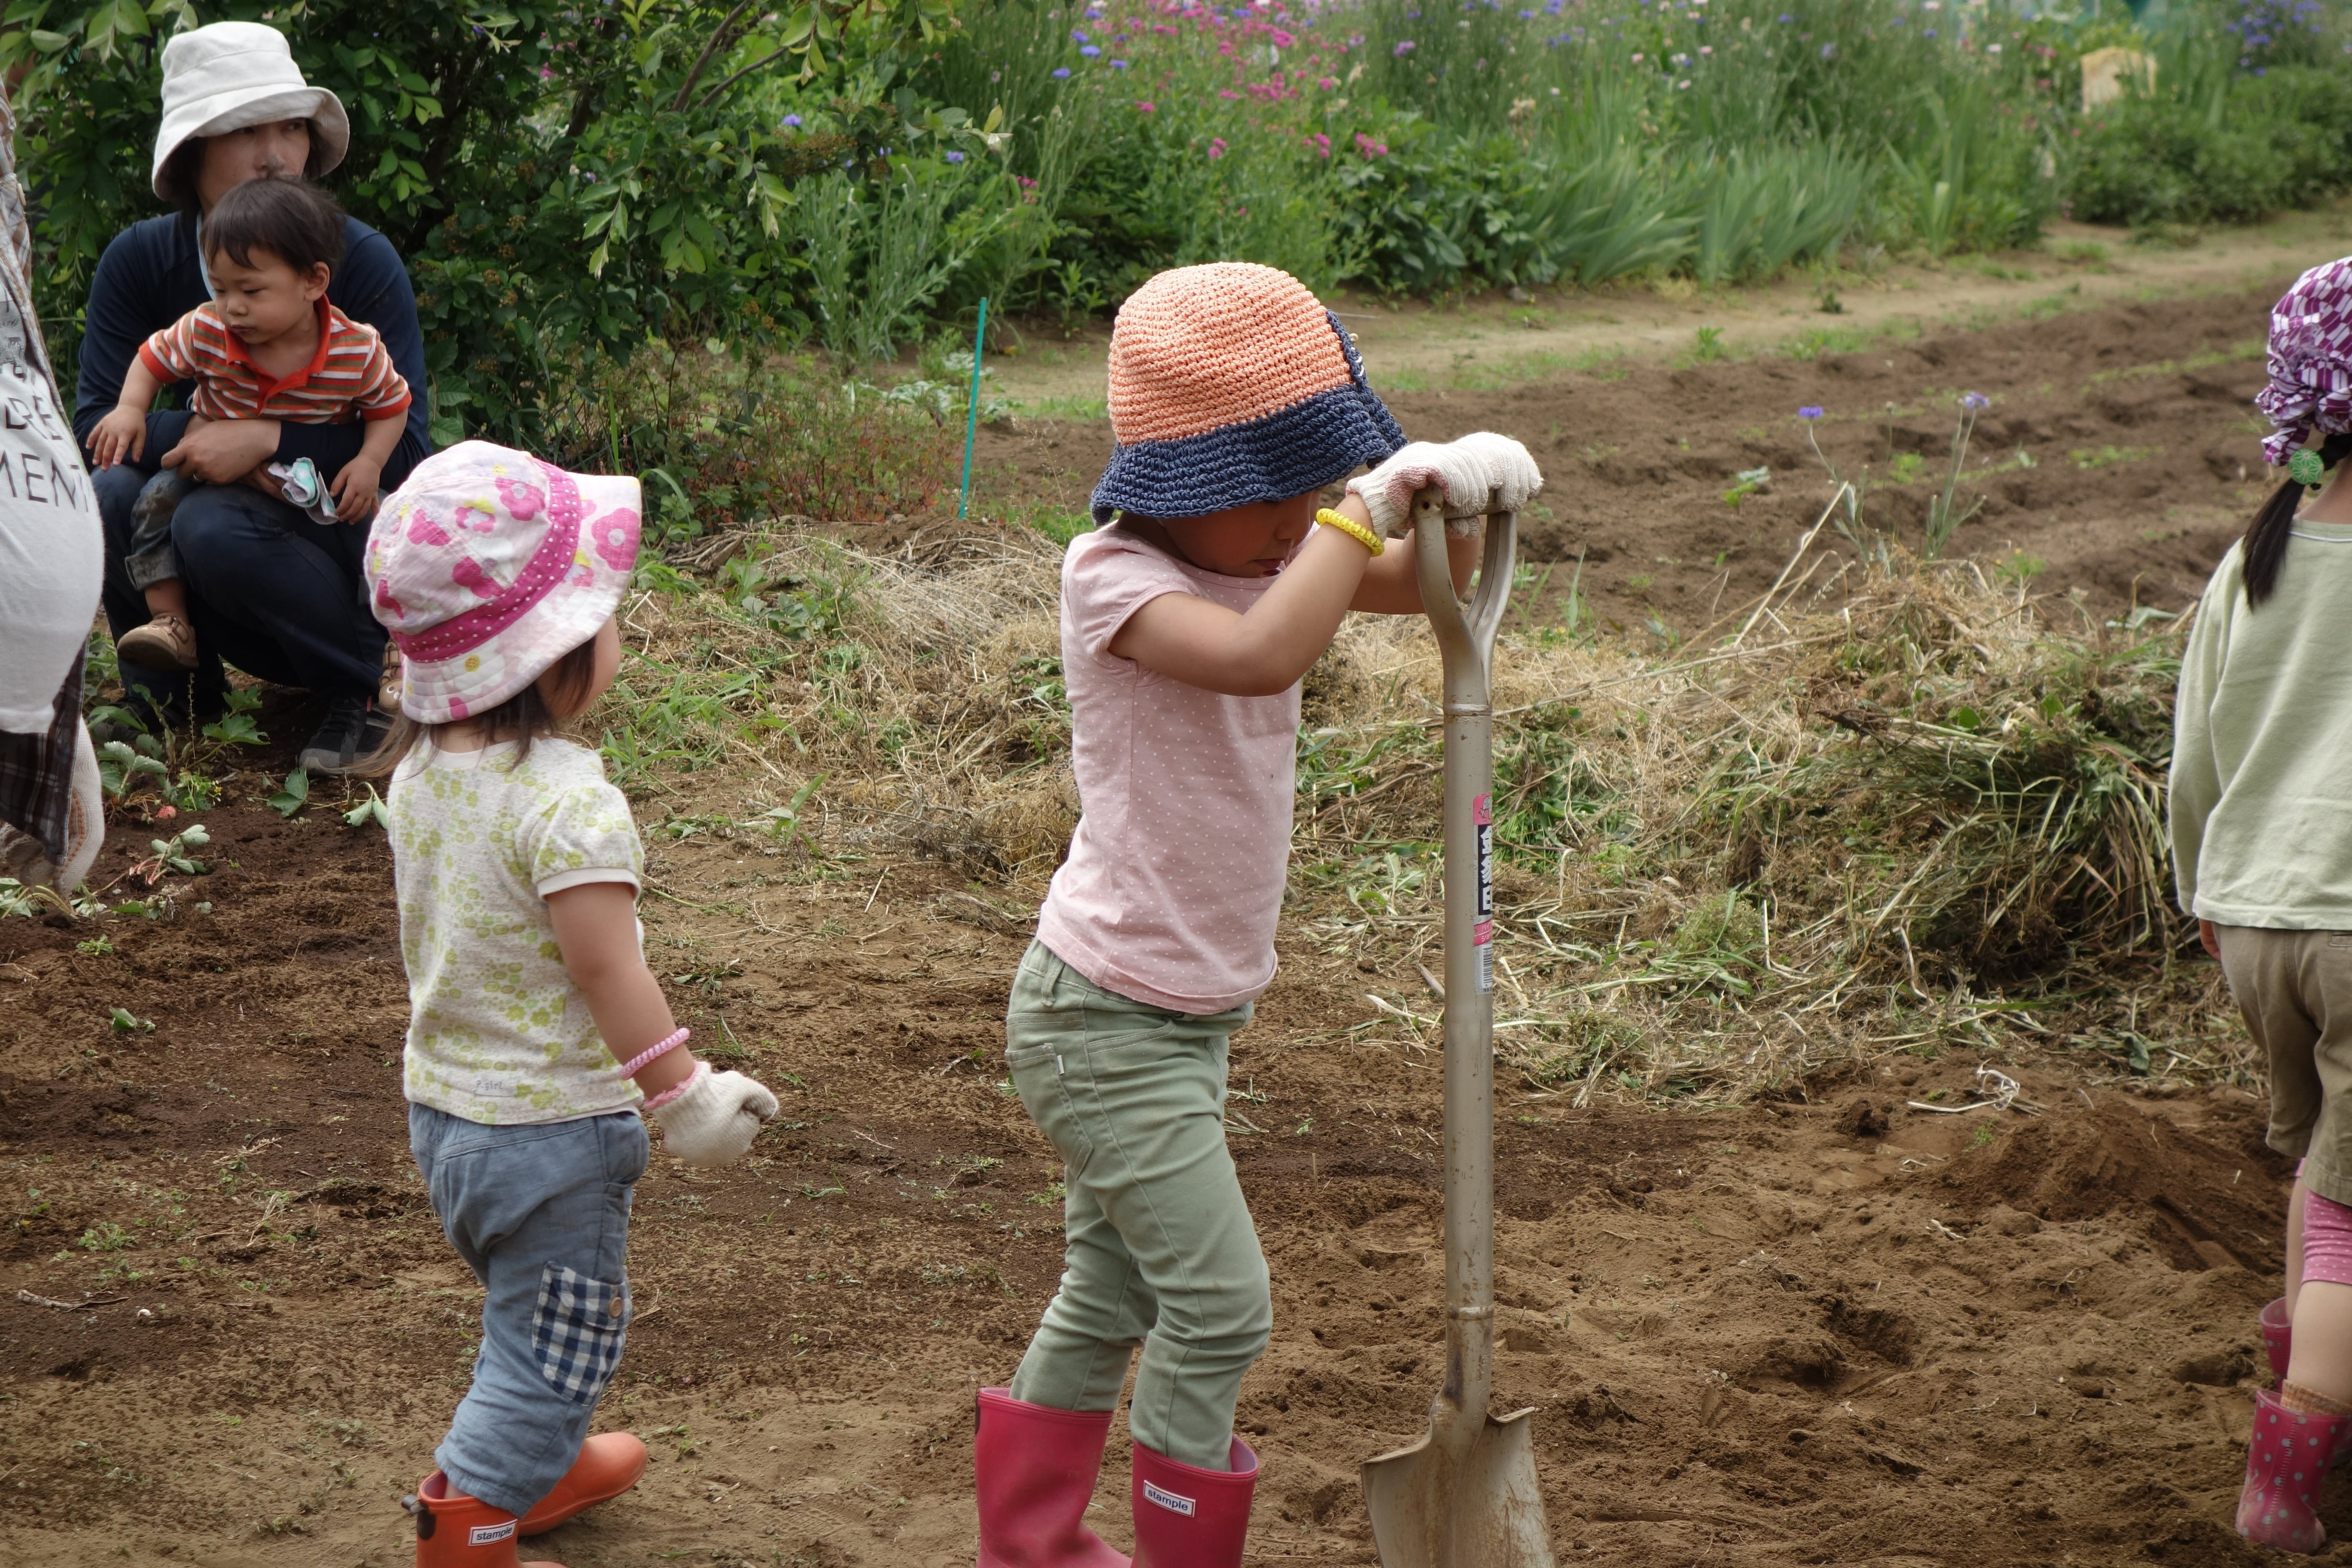 【単発】6/16(日)じゃがいもの収穫祭とさつまいもの植付[さいたま市・農業体験]のイメージその3